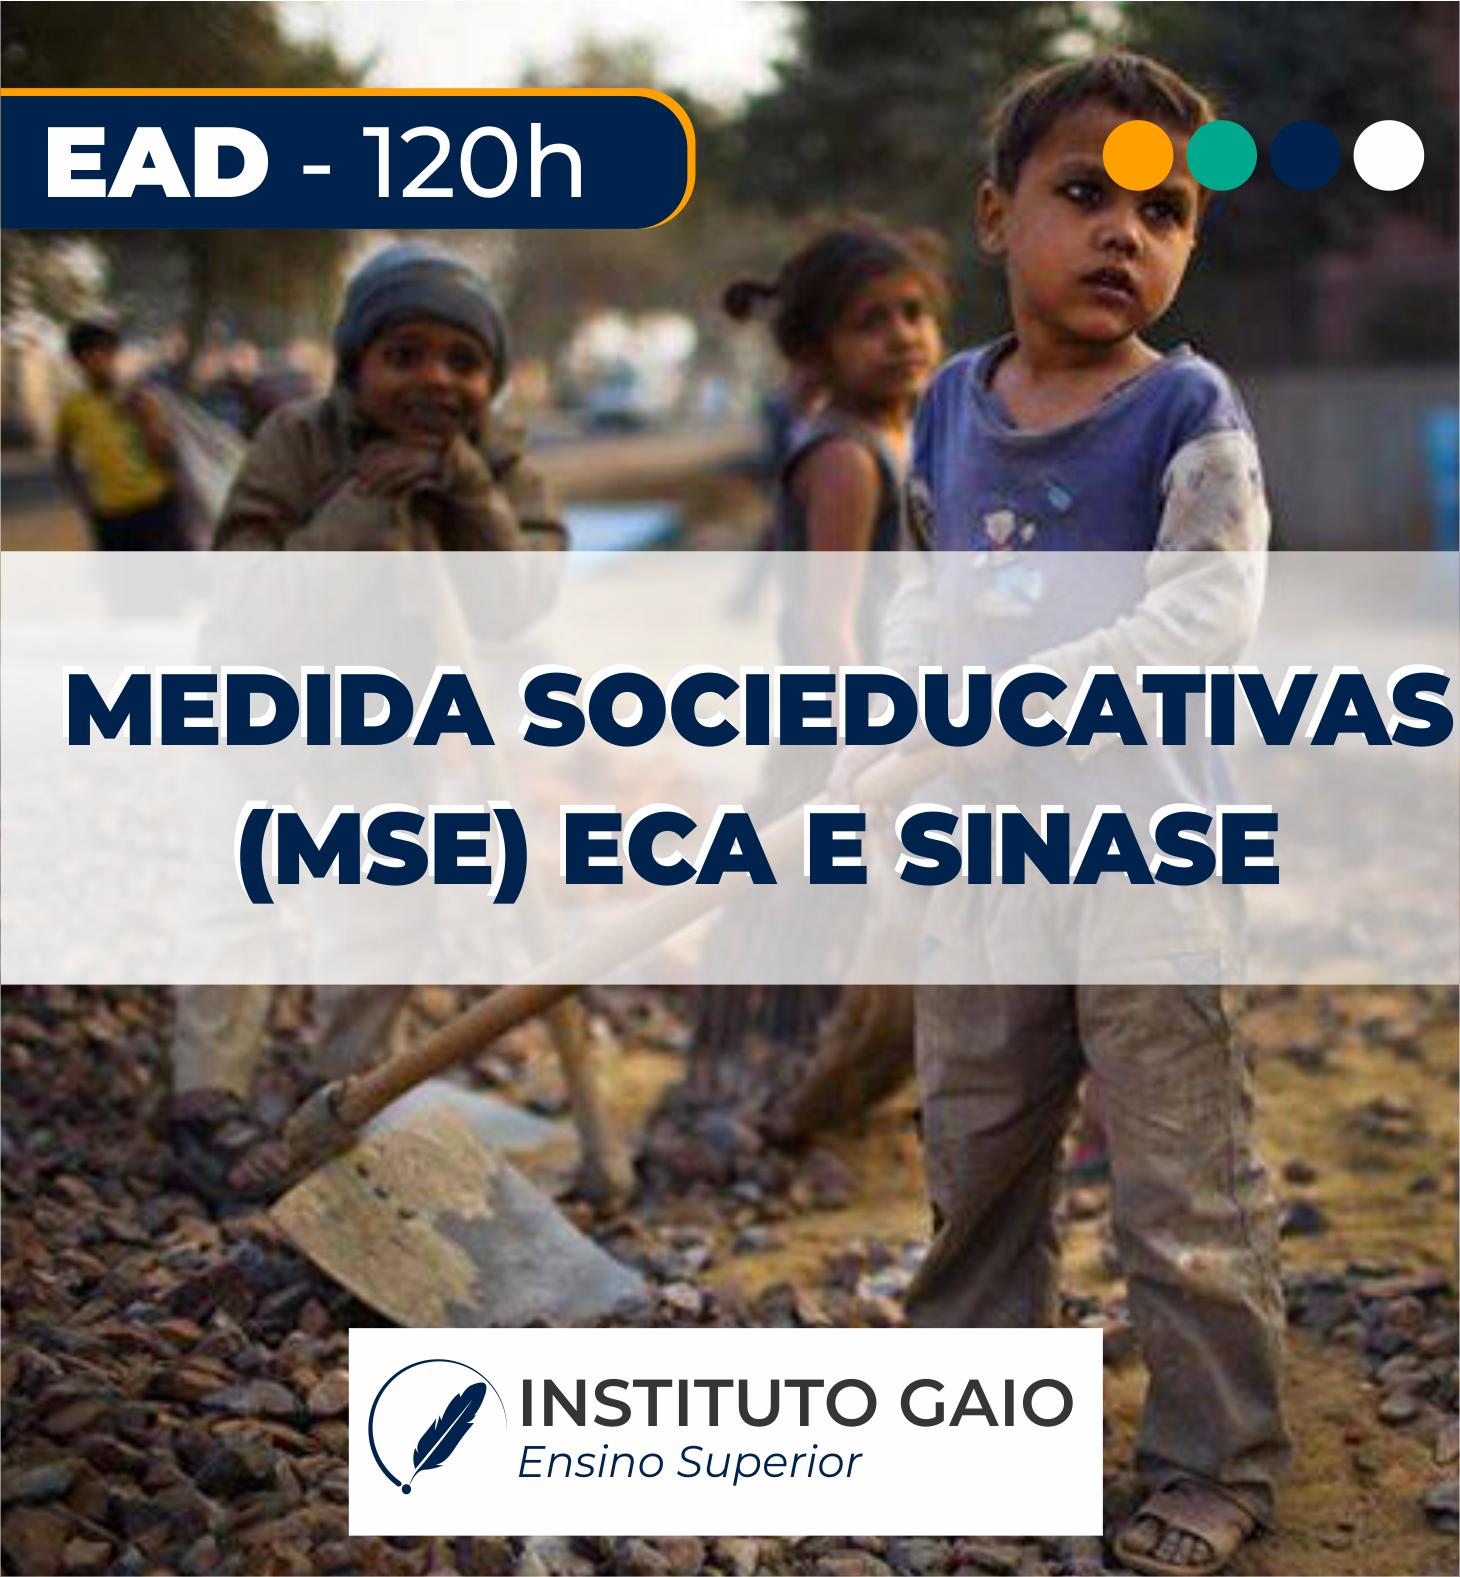 MEDIDAS SOCIOEDUCATIVAS, ECA E SINASE – 120h – EAD